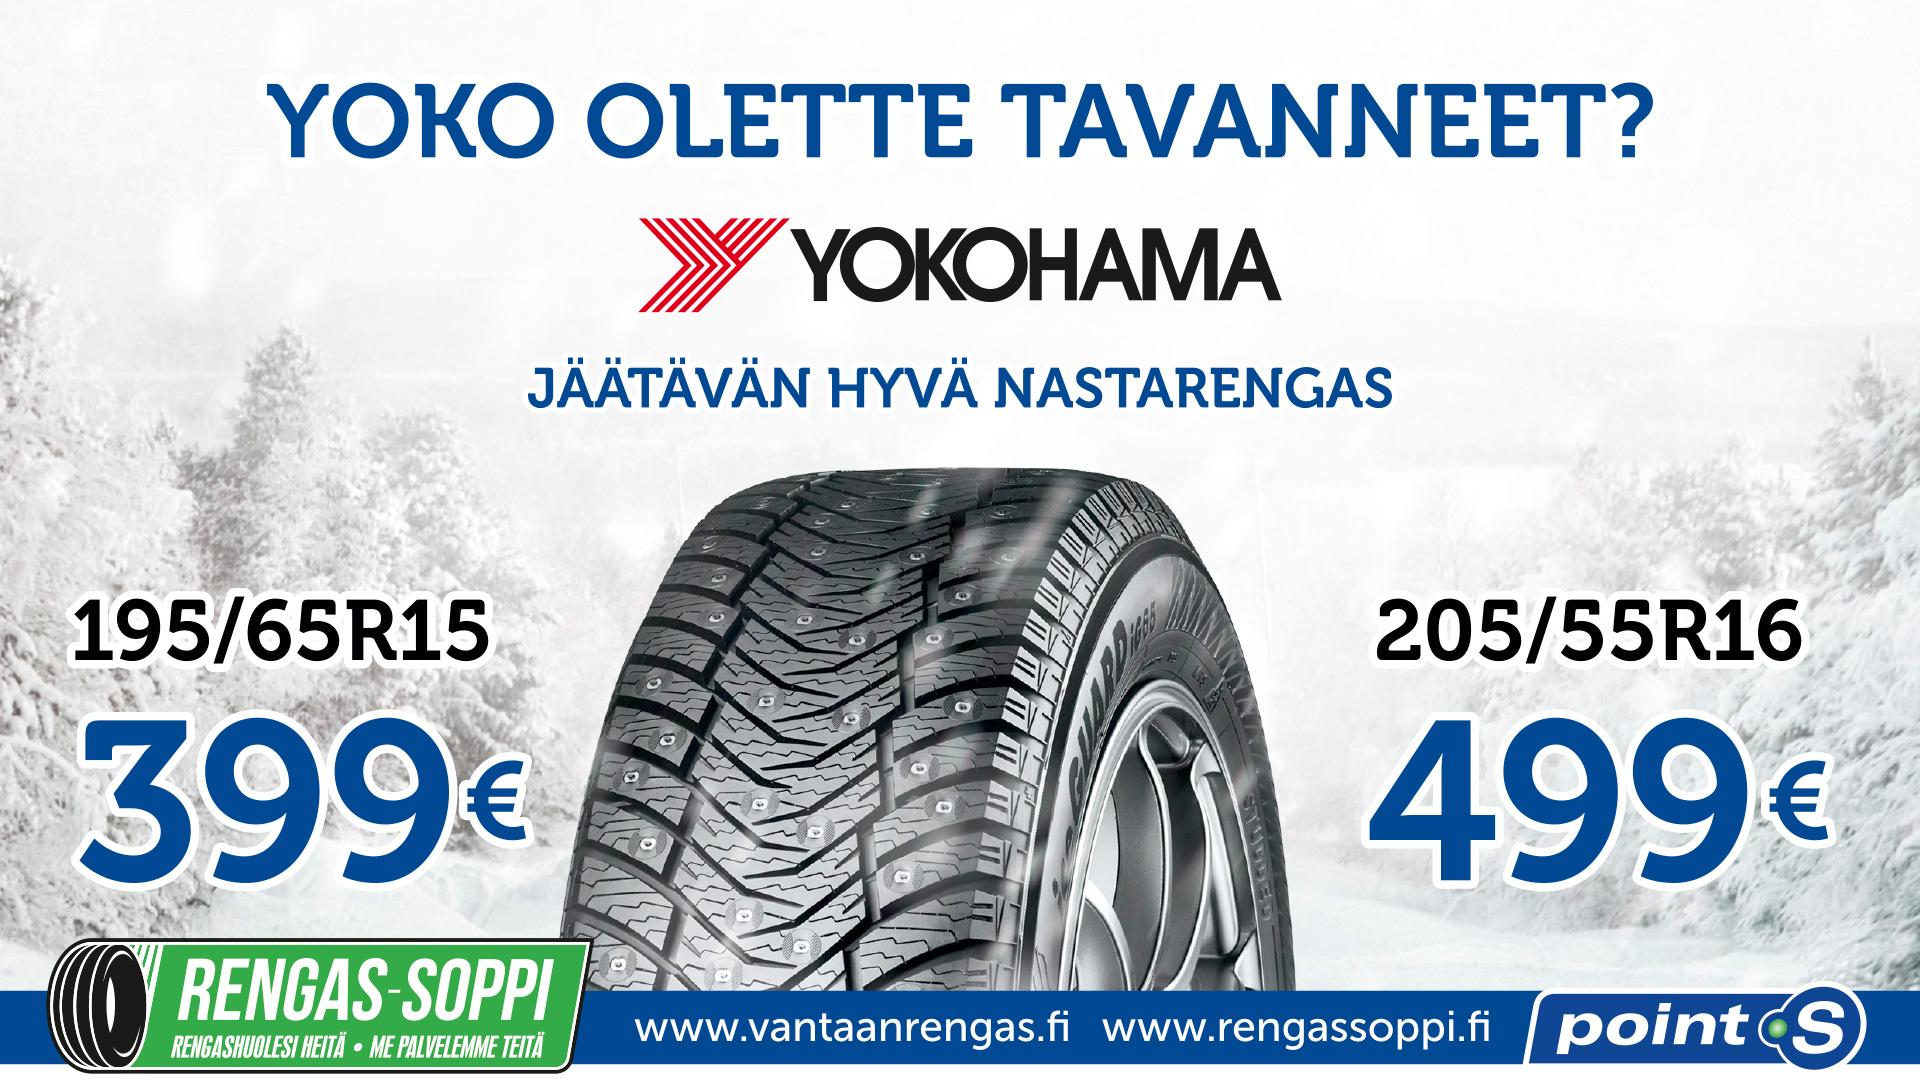 Hubcap Tire And Wheel >> Rengasliike Helsinki Rengasliike Vantaa Rengas Soppi Oy